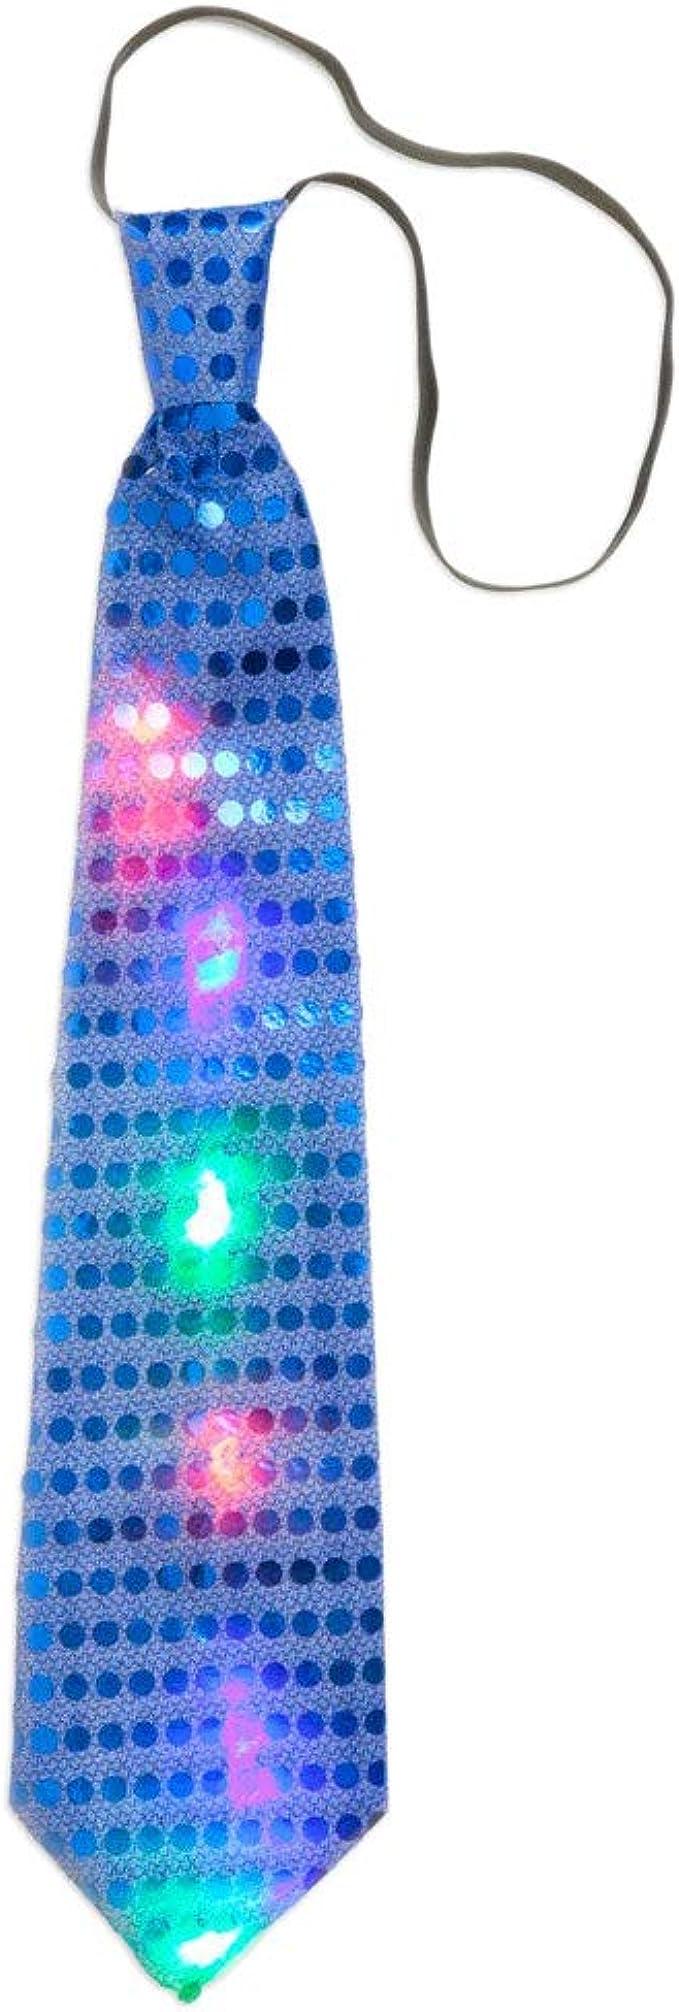 Macabolo - Corbata de lentejuelas unisex con luces LED que brillan ...